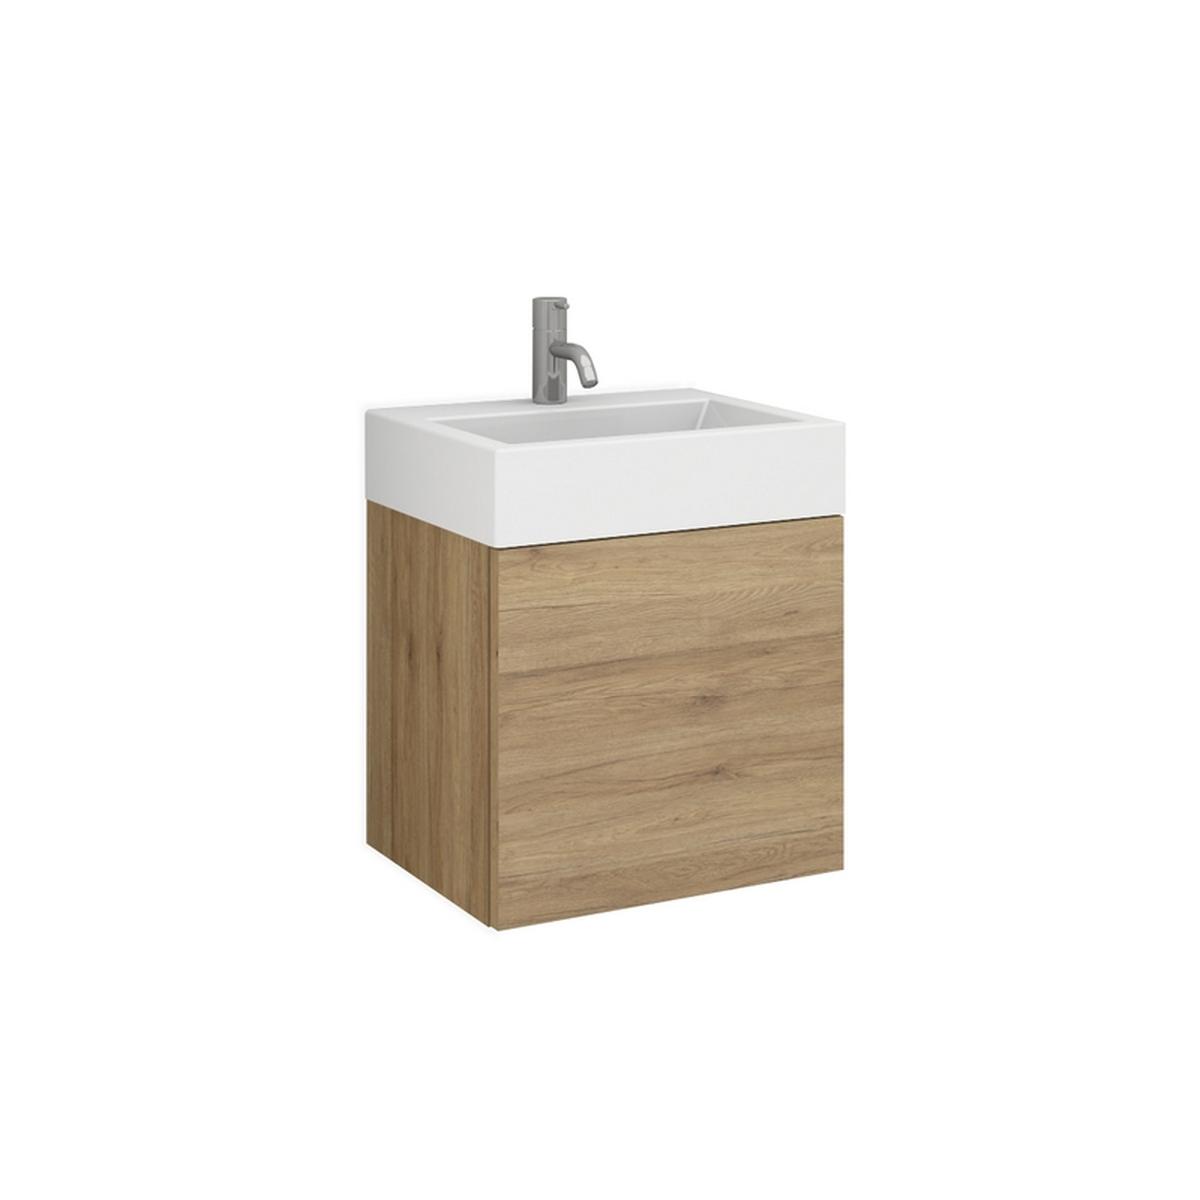 ballena 36 mineralguss waschtisch set nach ma mit t r. Black Bedroom Furniture Sets. Home Design Ideas